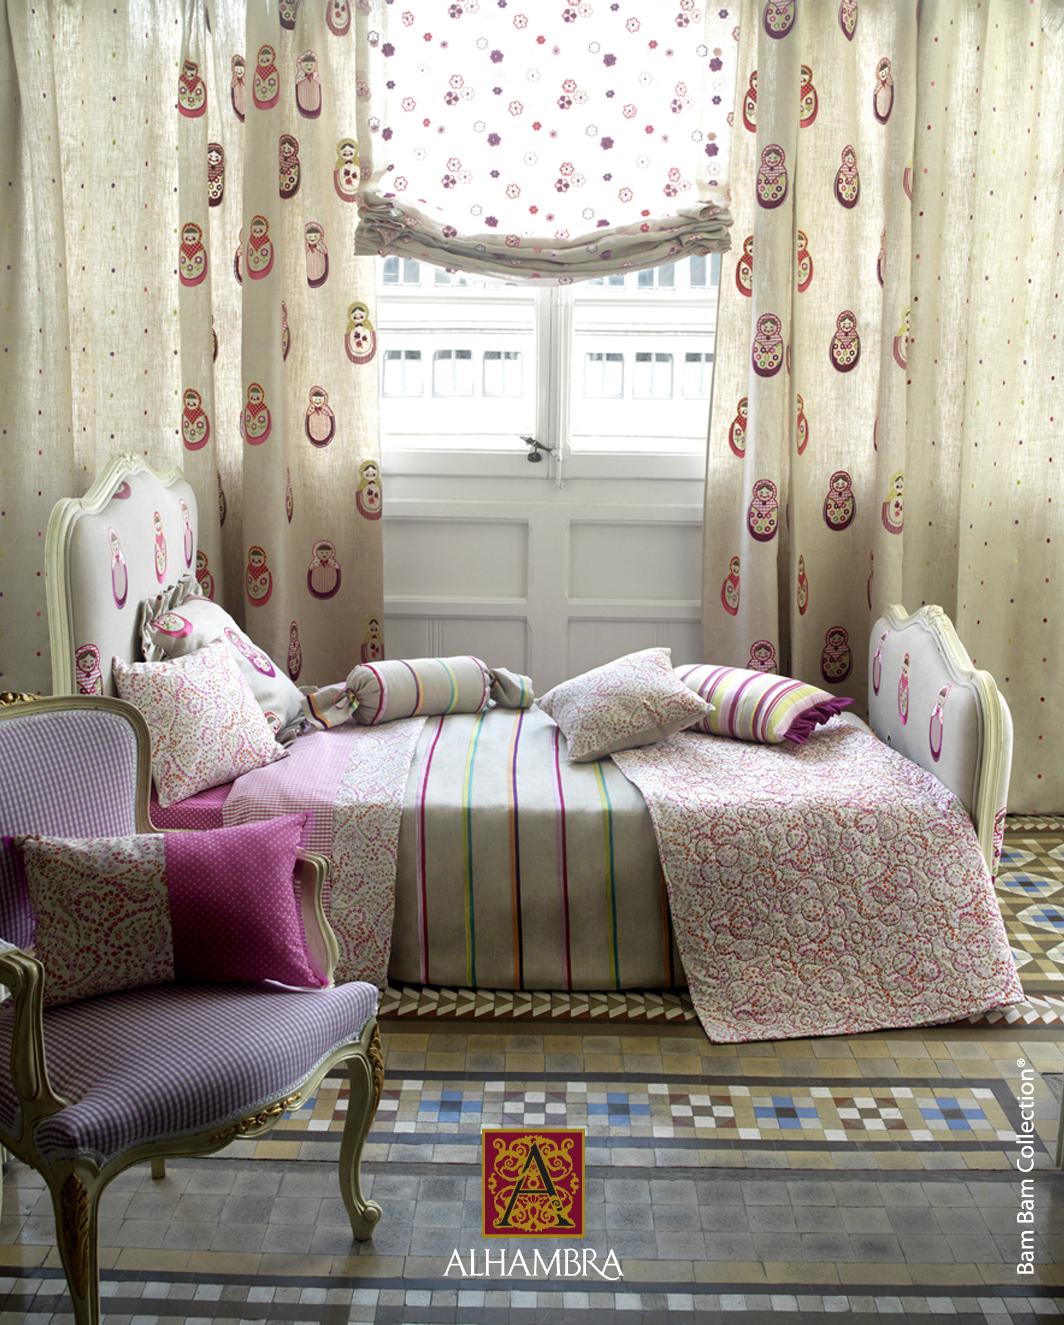 http://1.bp.blogspot.com/-yXjoLB19aIA/UGSOrtyUhwI/AAAAAAAADo0/9ZJV58dMNO0/s1600/BAM+BAM_37.jpg